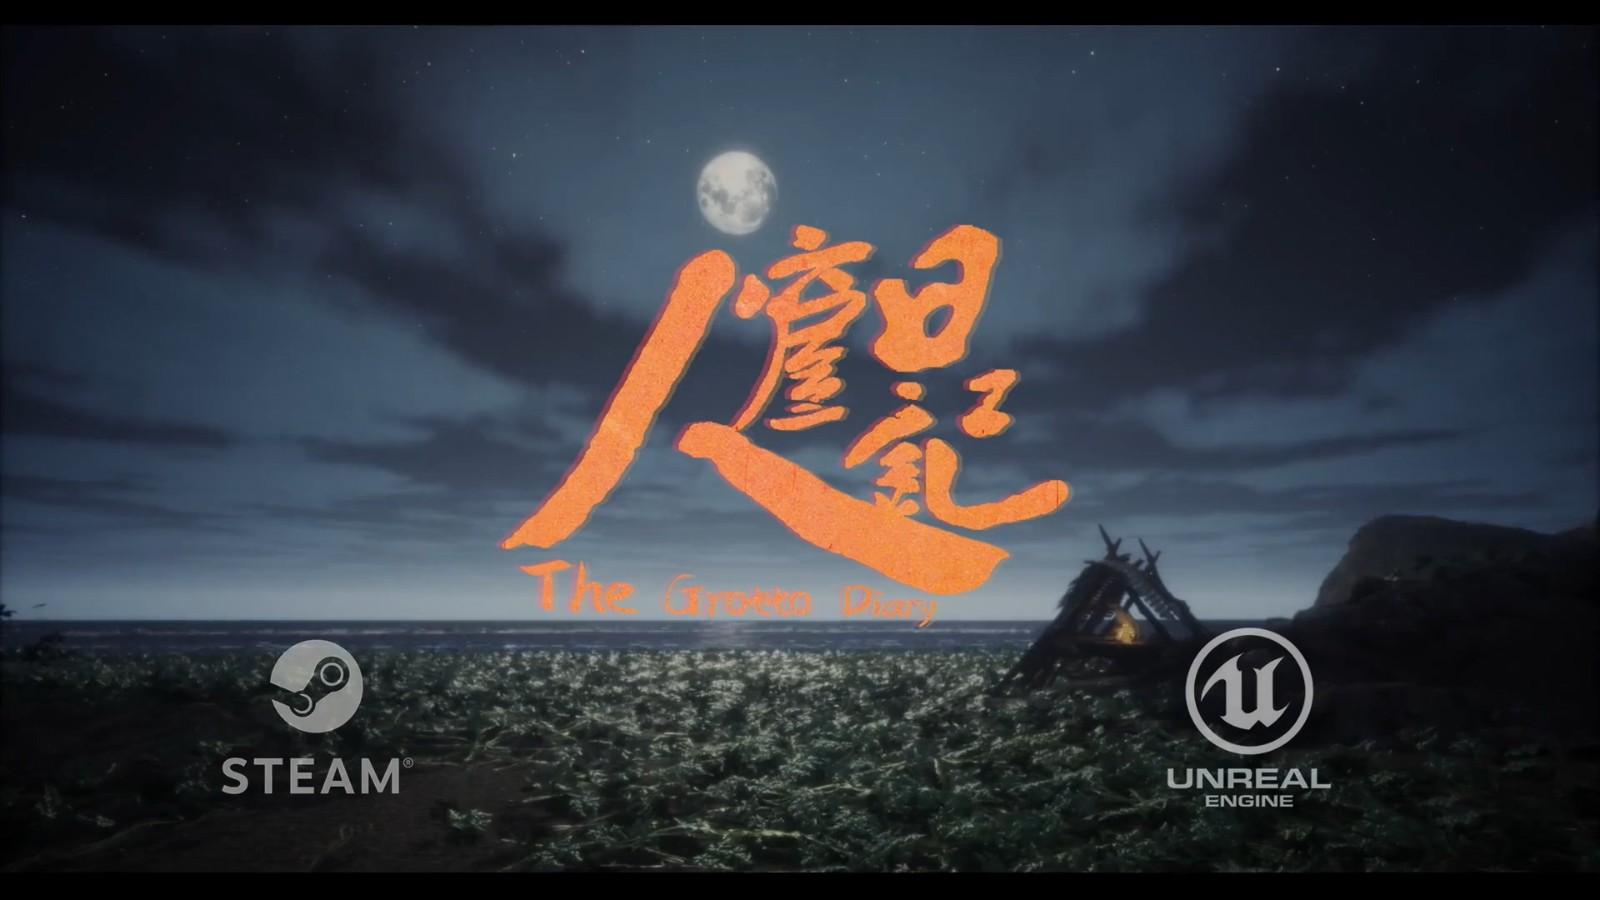 纪念鲁迅诞辰140周年 国产恐怖文艺游戏《人窟日记》新预告